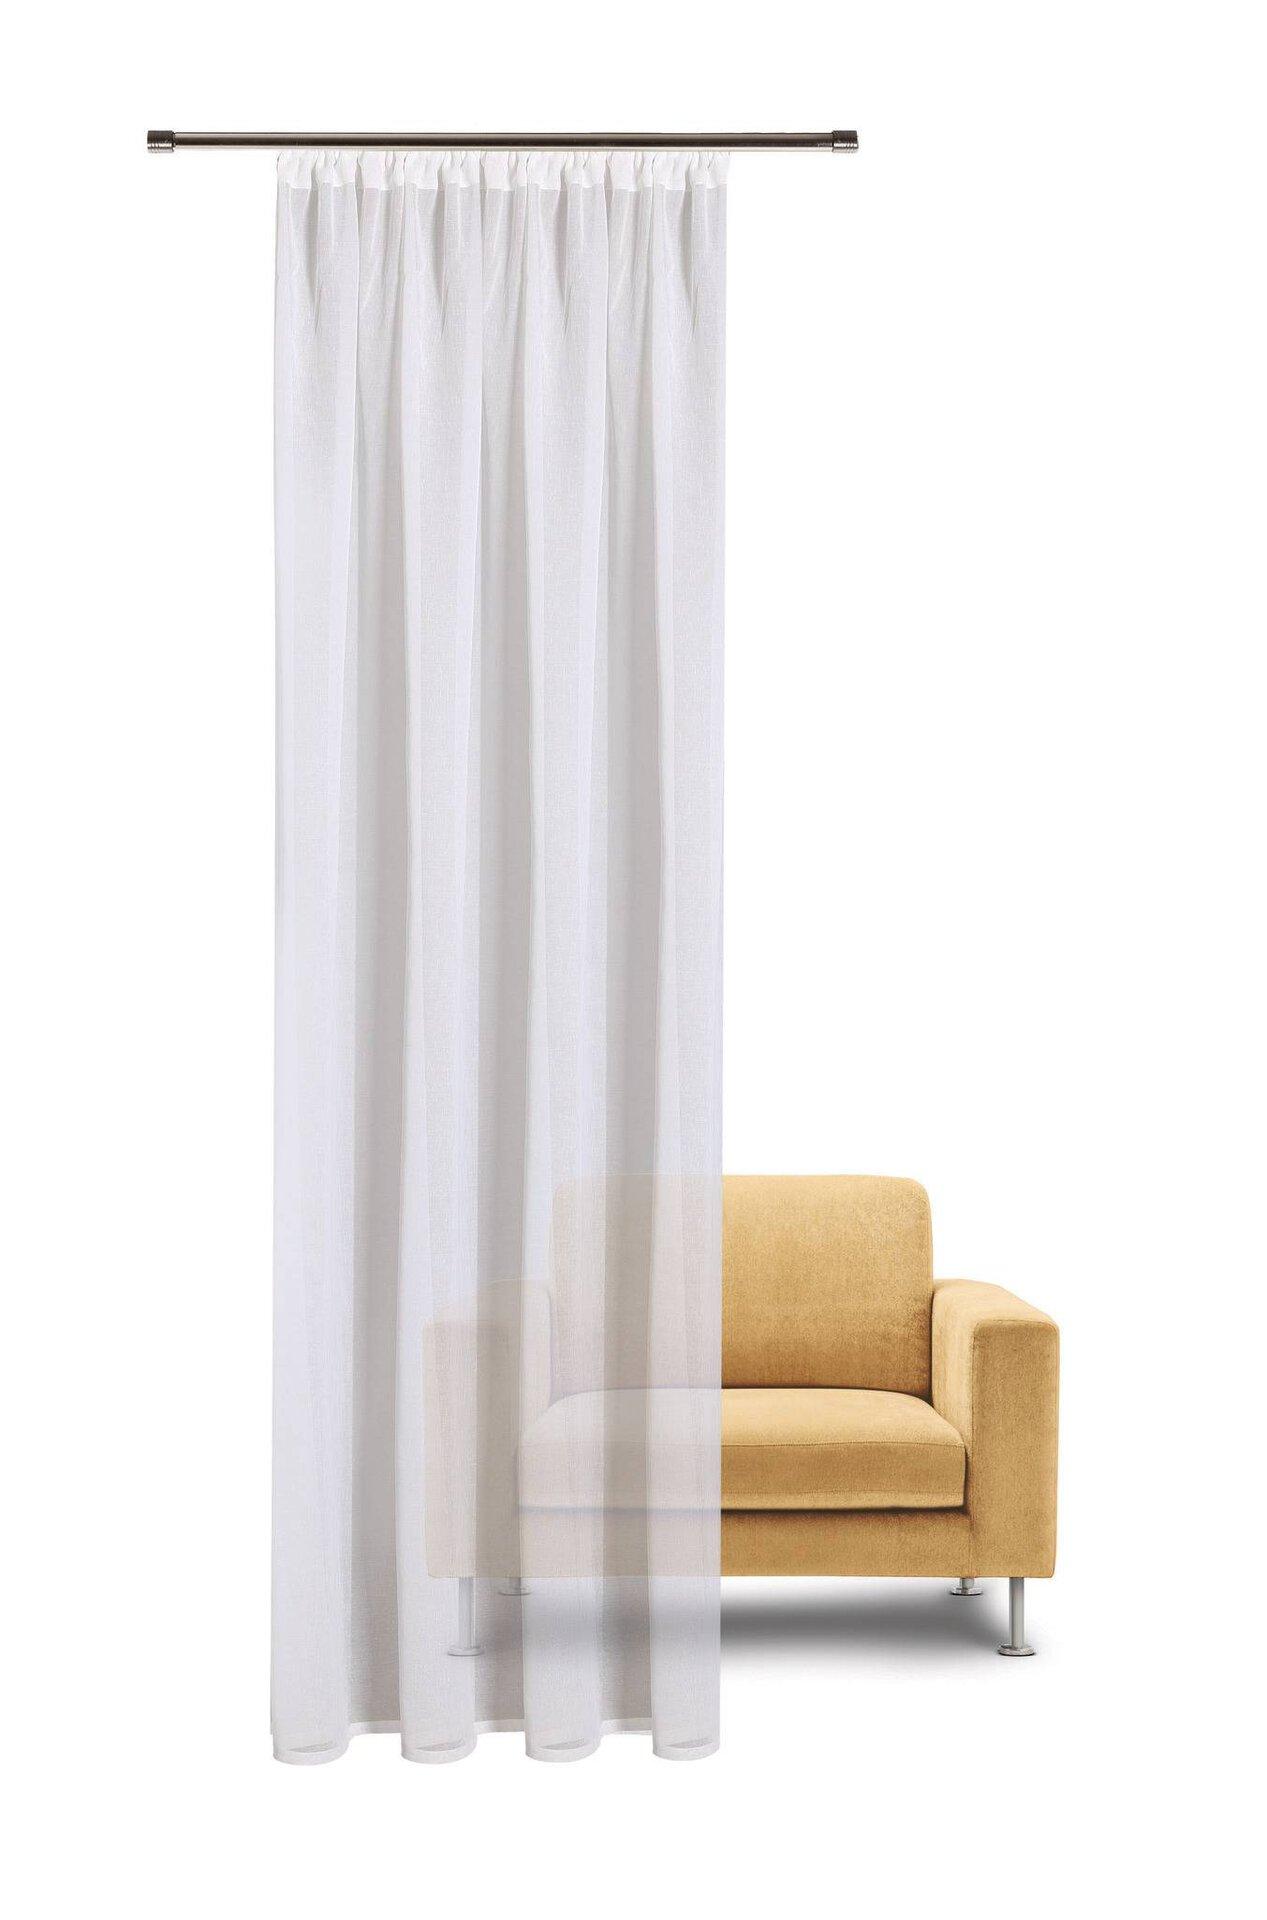 Dekoschal Gerster Collection Textil 140 x 245 cm